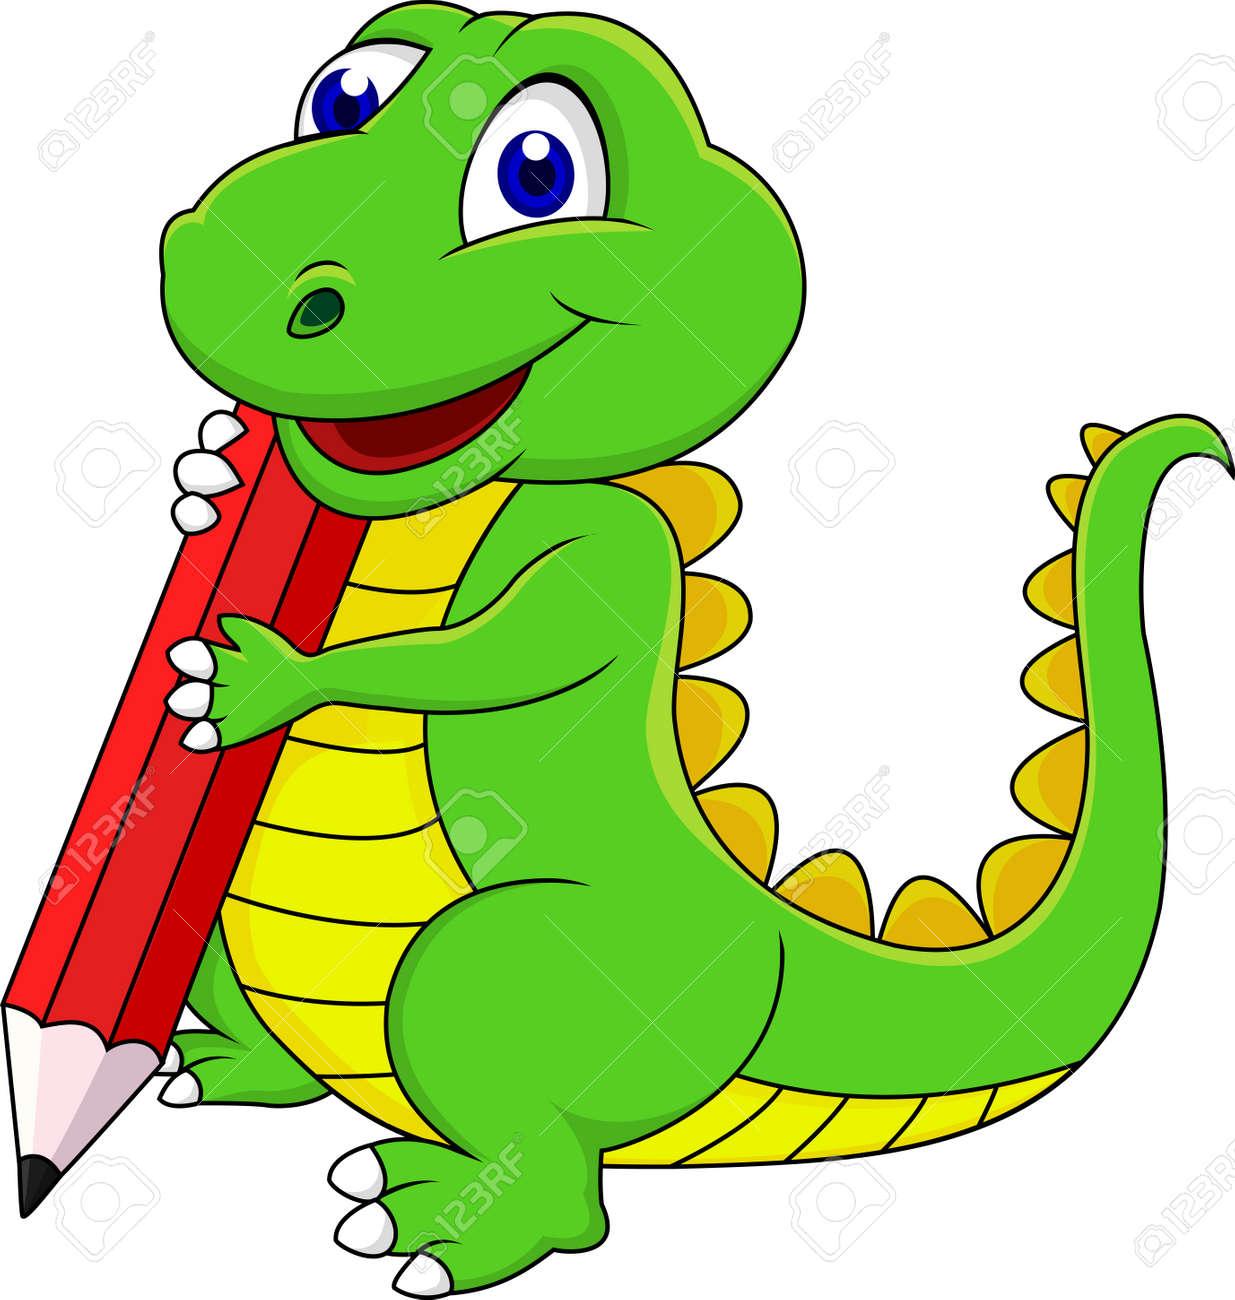 Resultado de imagem para imagens de dinossauros coloridos